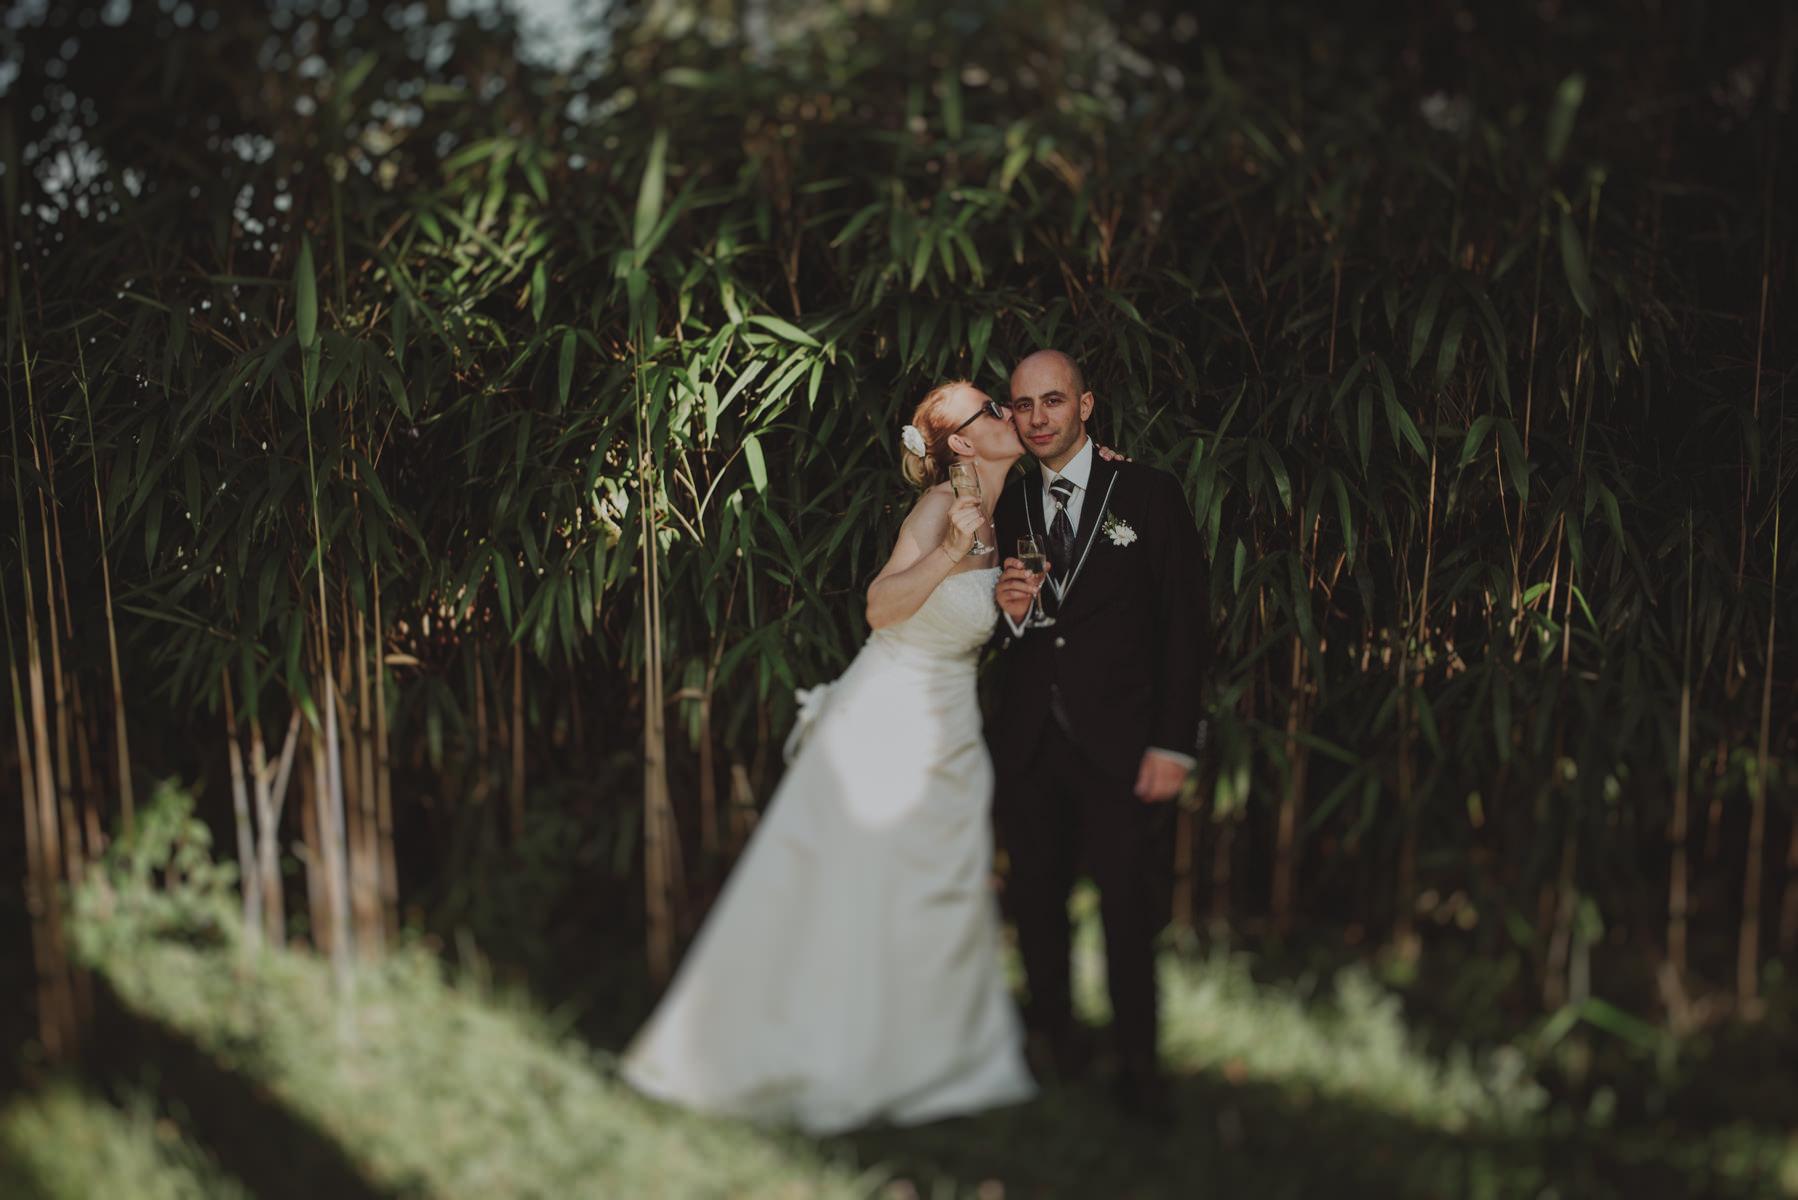 best_of_2016_weddings-51